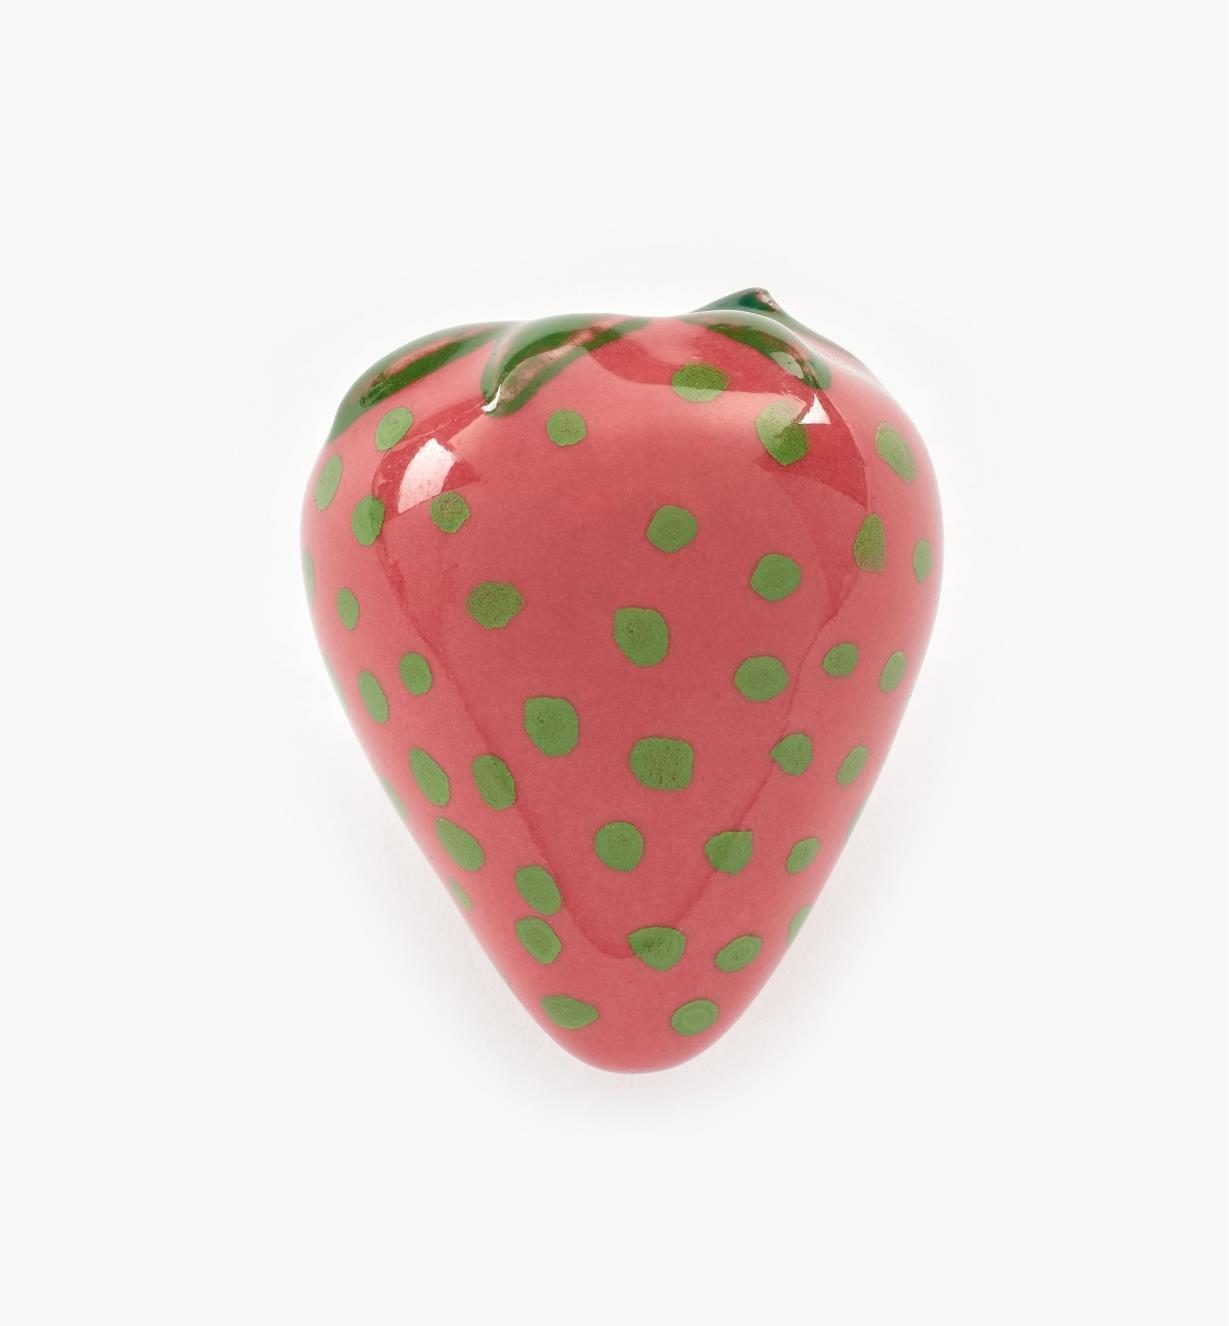 00W5265 - Bouton-fraise en céramique, 1 1/2 po x 1 3/8 po